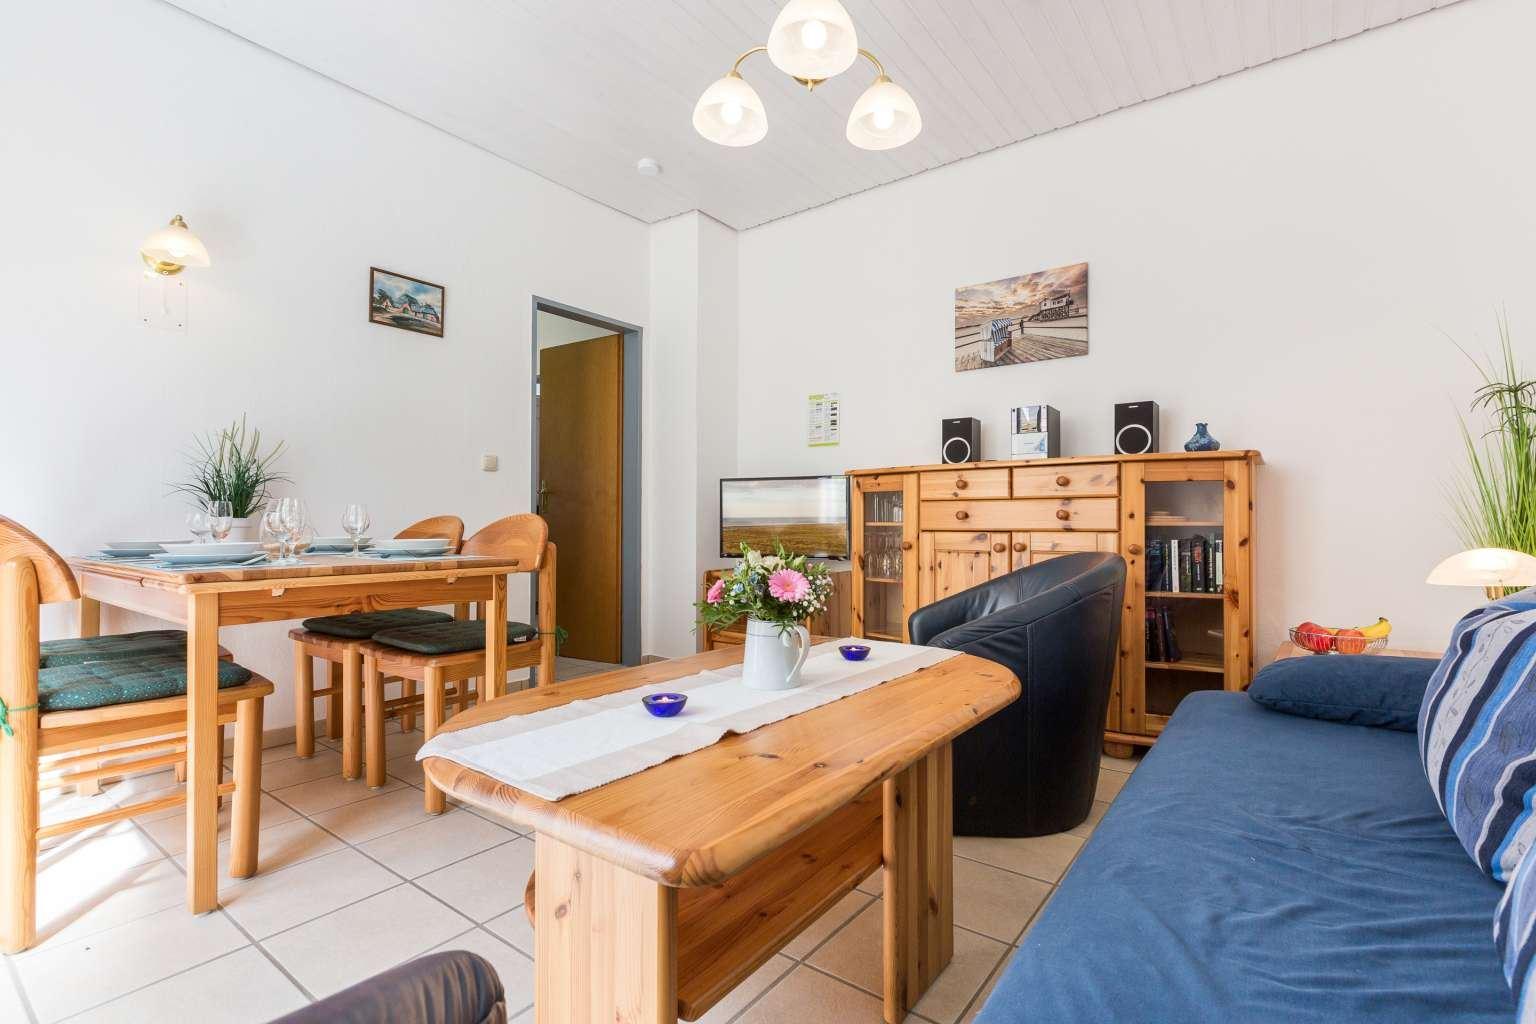 Wohnzimmer - Haus Sturmmoewe, Wohnung 1, Badallee 27-27a, St. Peter-Dorf